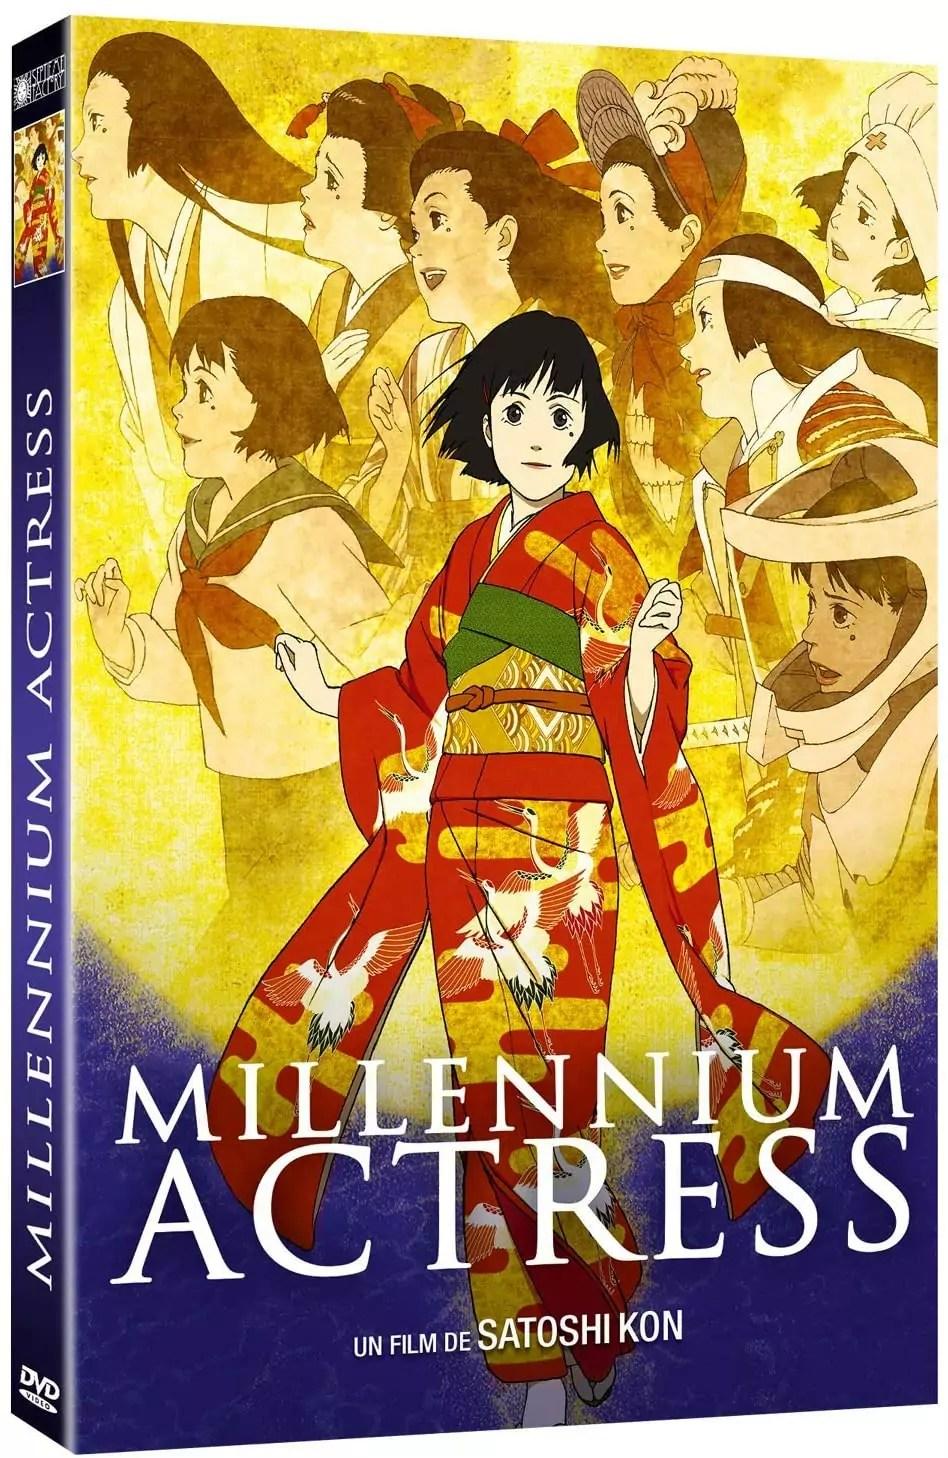 DVD du film Millennium Actress publié chez Septième Factory